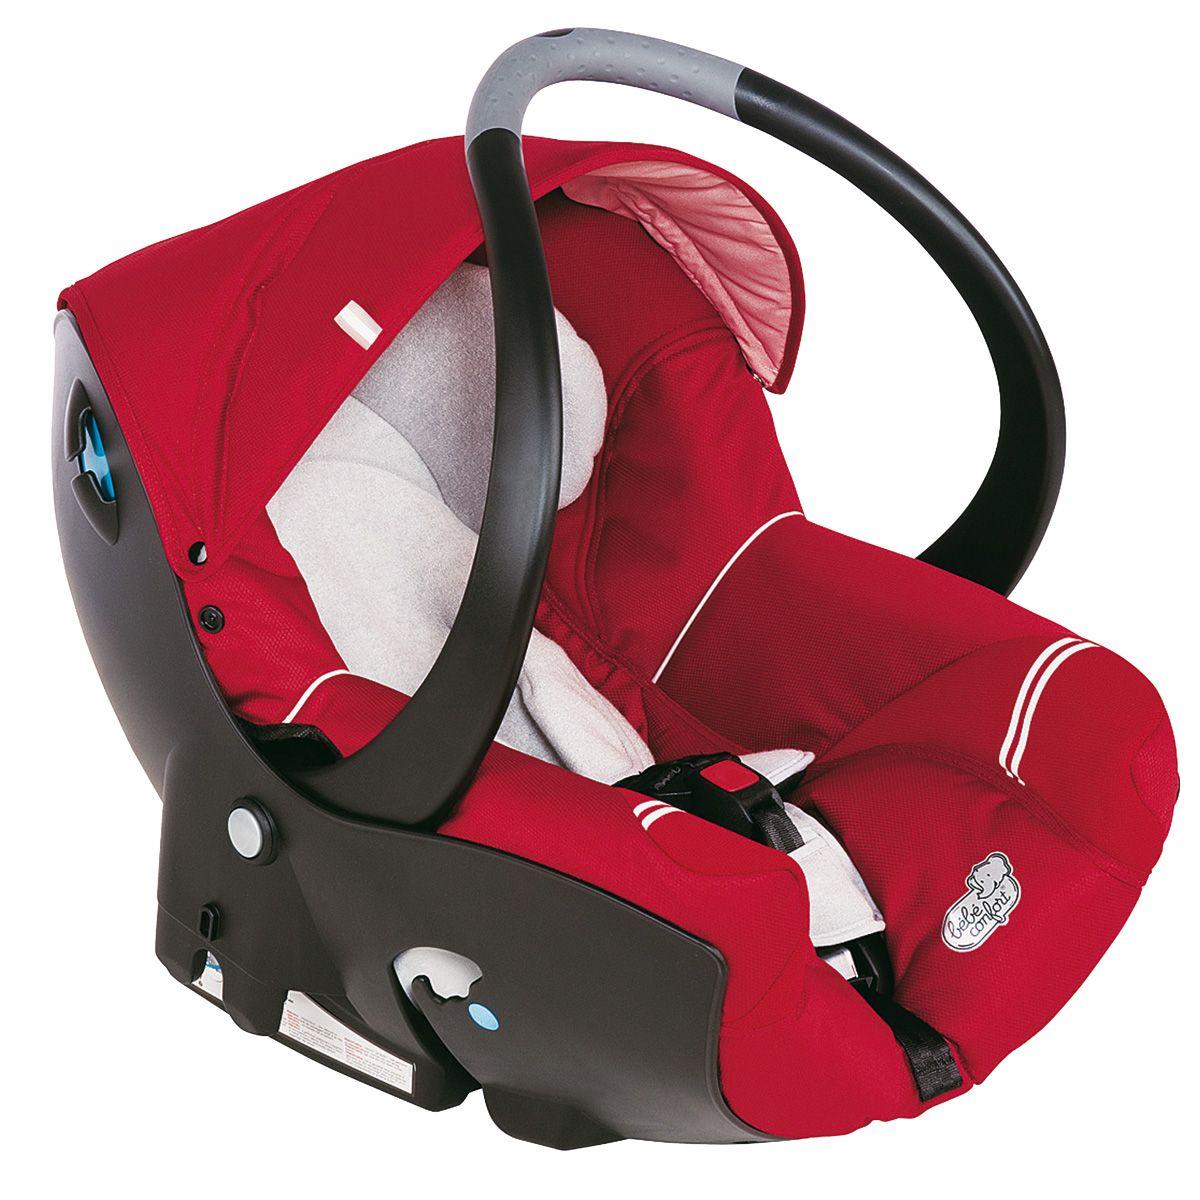 poussette bebe confort oxygene trouvez le meilleur prix sur voir avant d 39 acheter. Black Bedroom Furniture Sets. Home Design Ideas